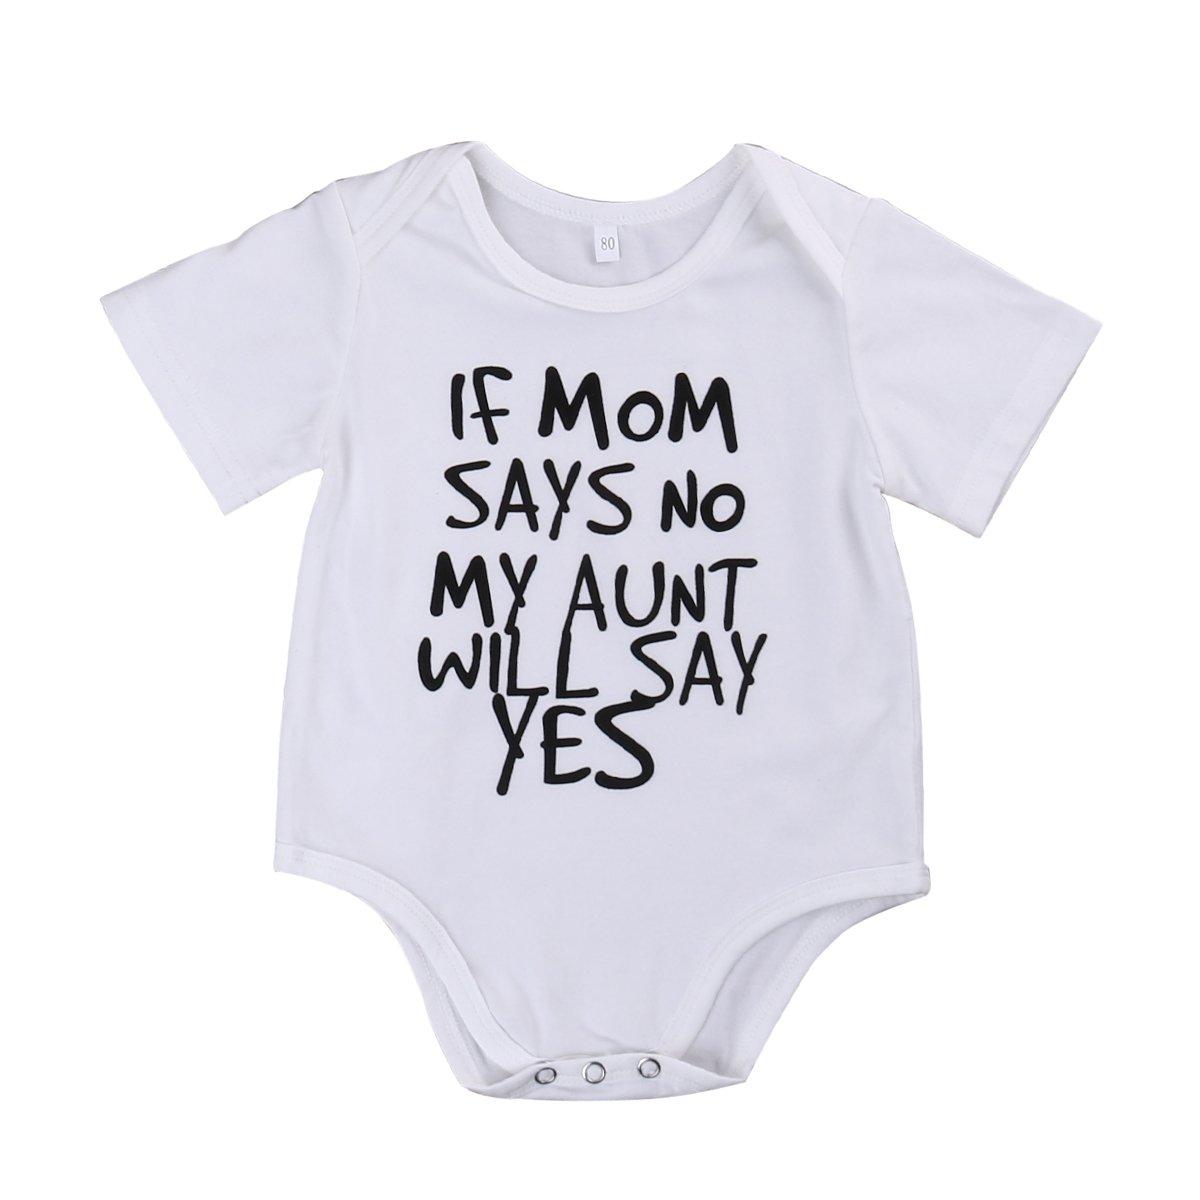 Newborn Infant Baby Boys Girls Cotton Bodysuit Romper Jumpsuit Clothes Outfit